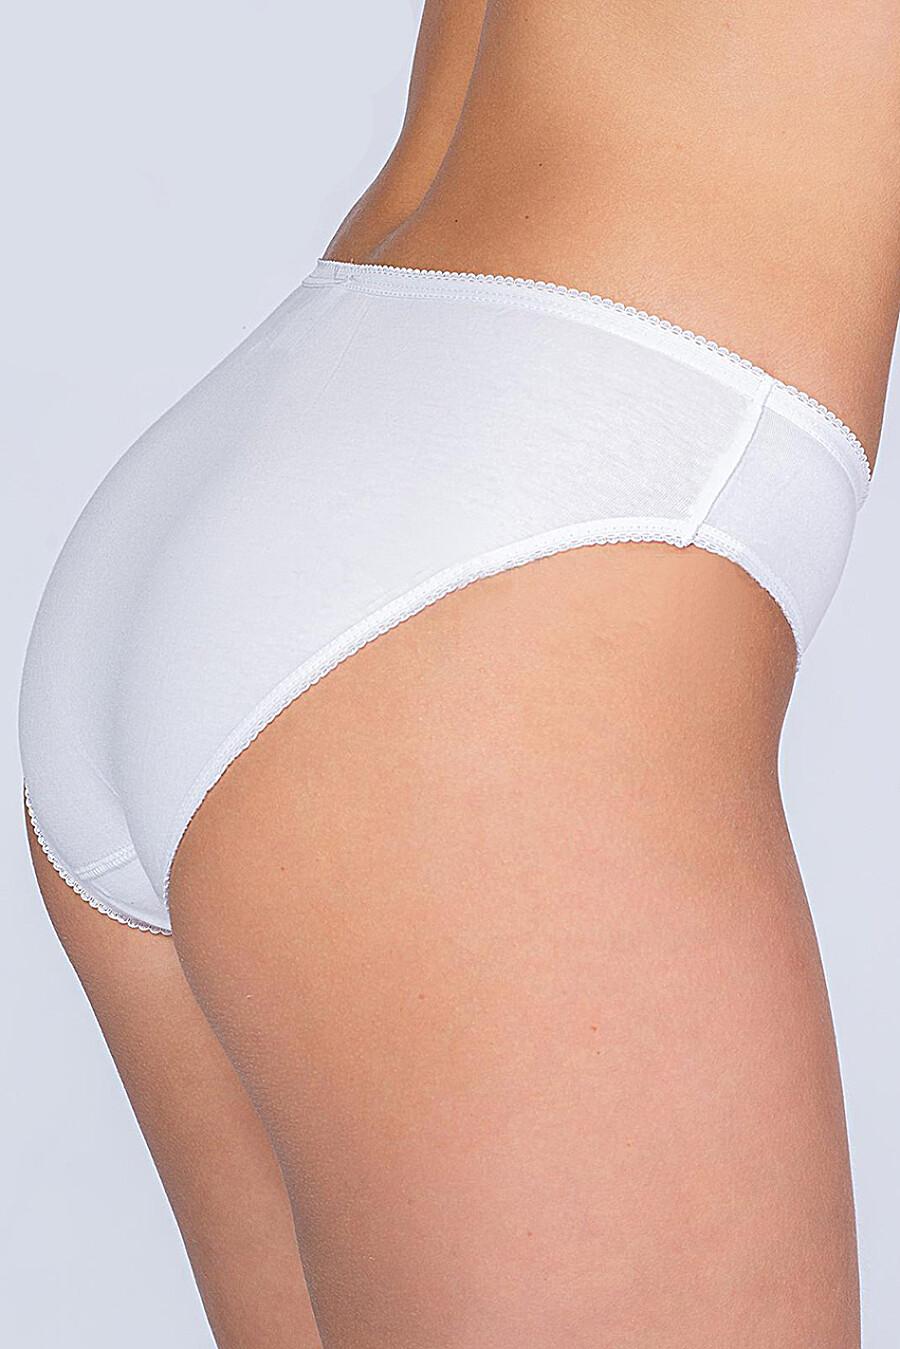 Трусы для женщин MINIMI 272795 купить оптом от производителя. Совместная покупка женской одежды в OptMoyo